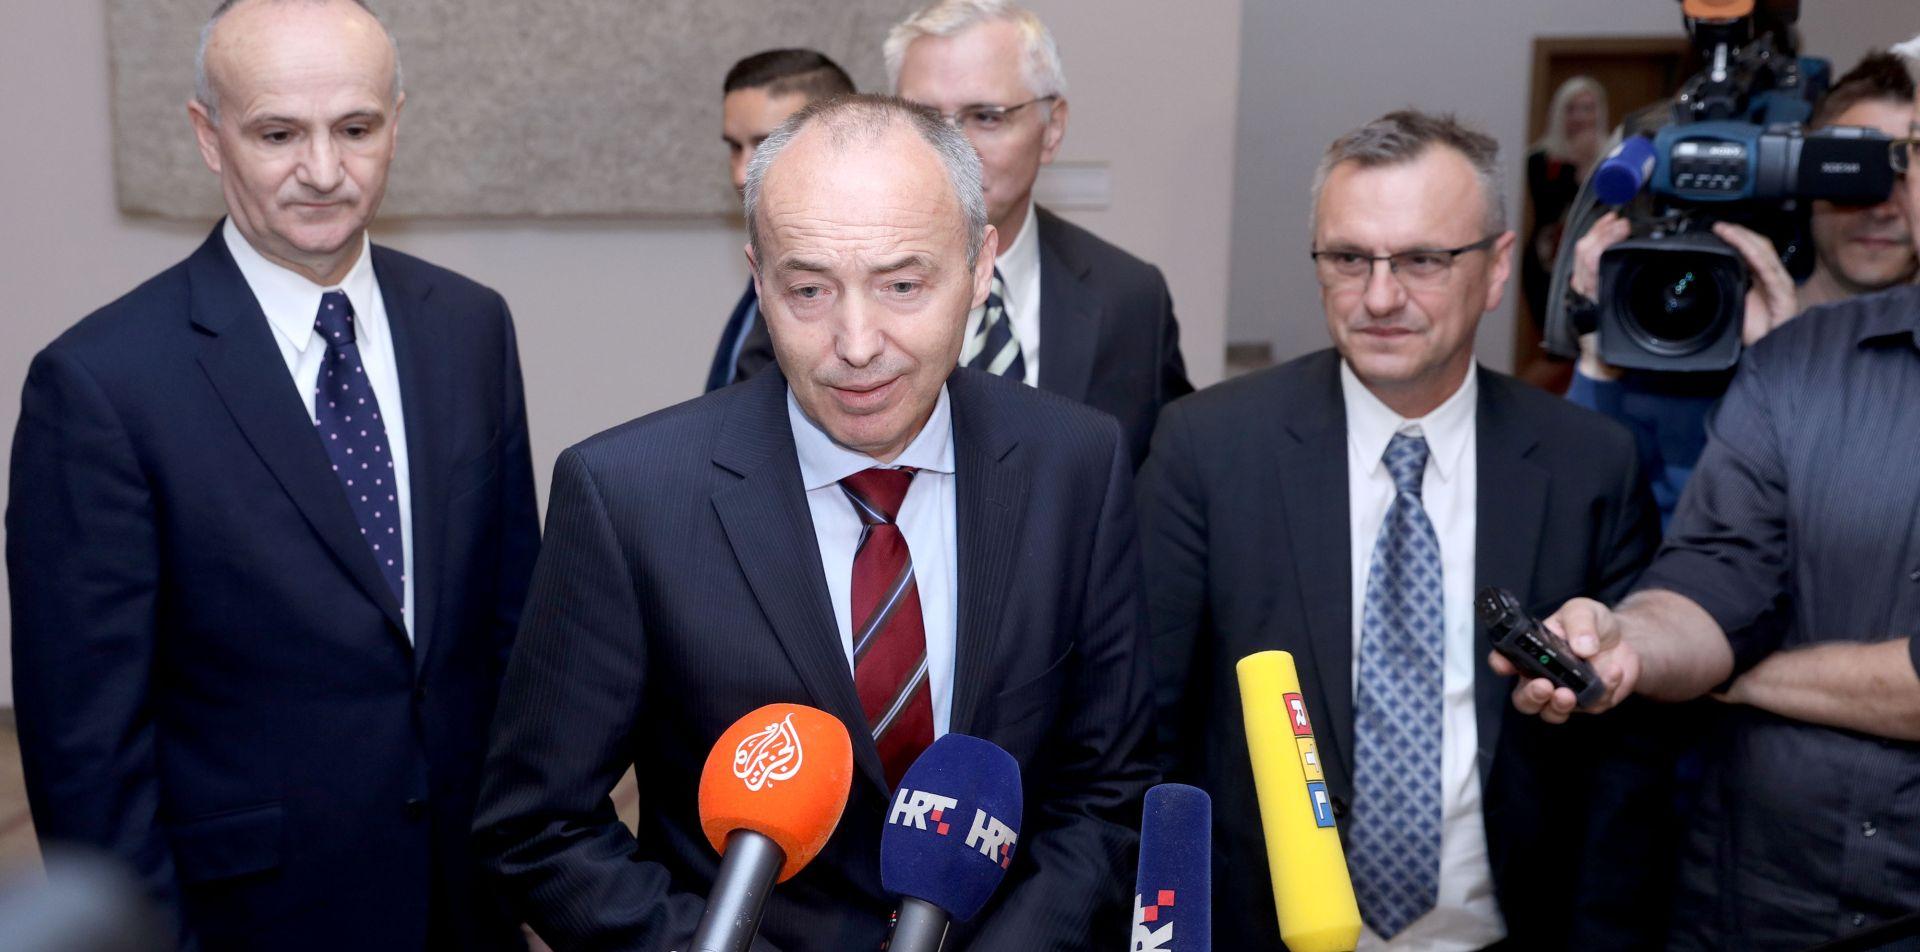 KRSTIČEVIĆ 'Strategijom nacionalne sigurnosti odgovoriti na sigurnosne ugroze'